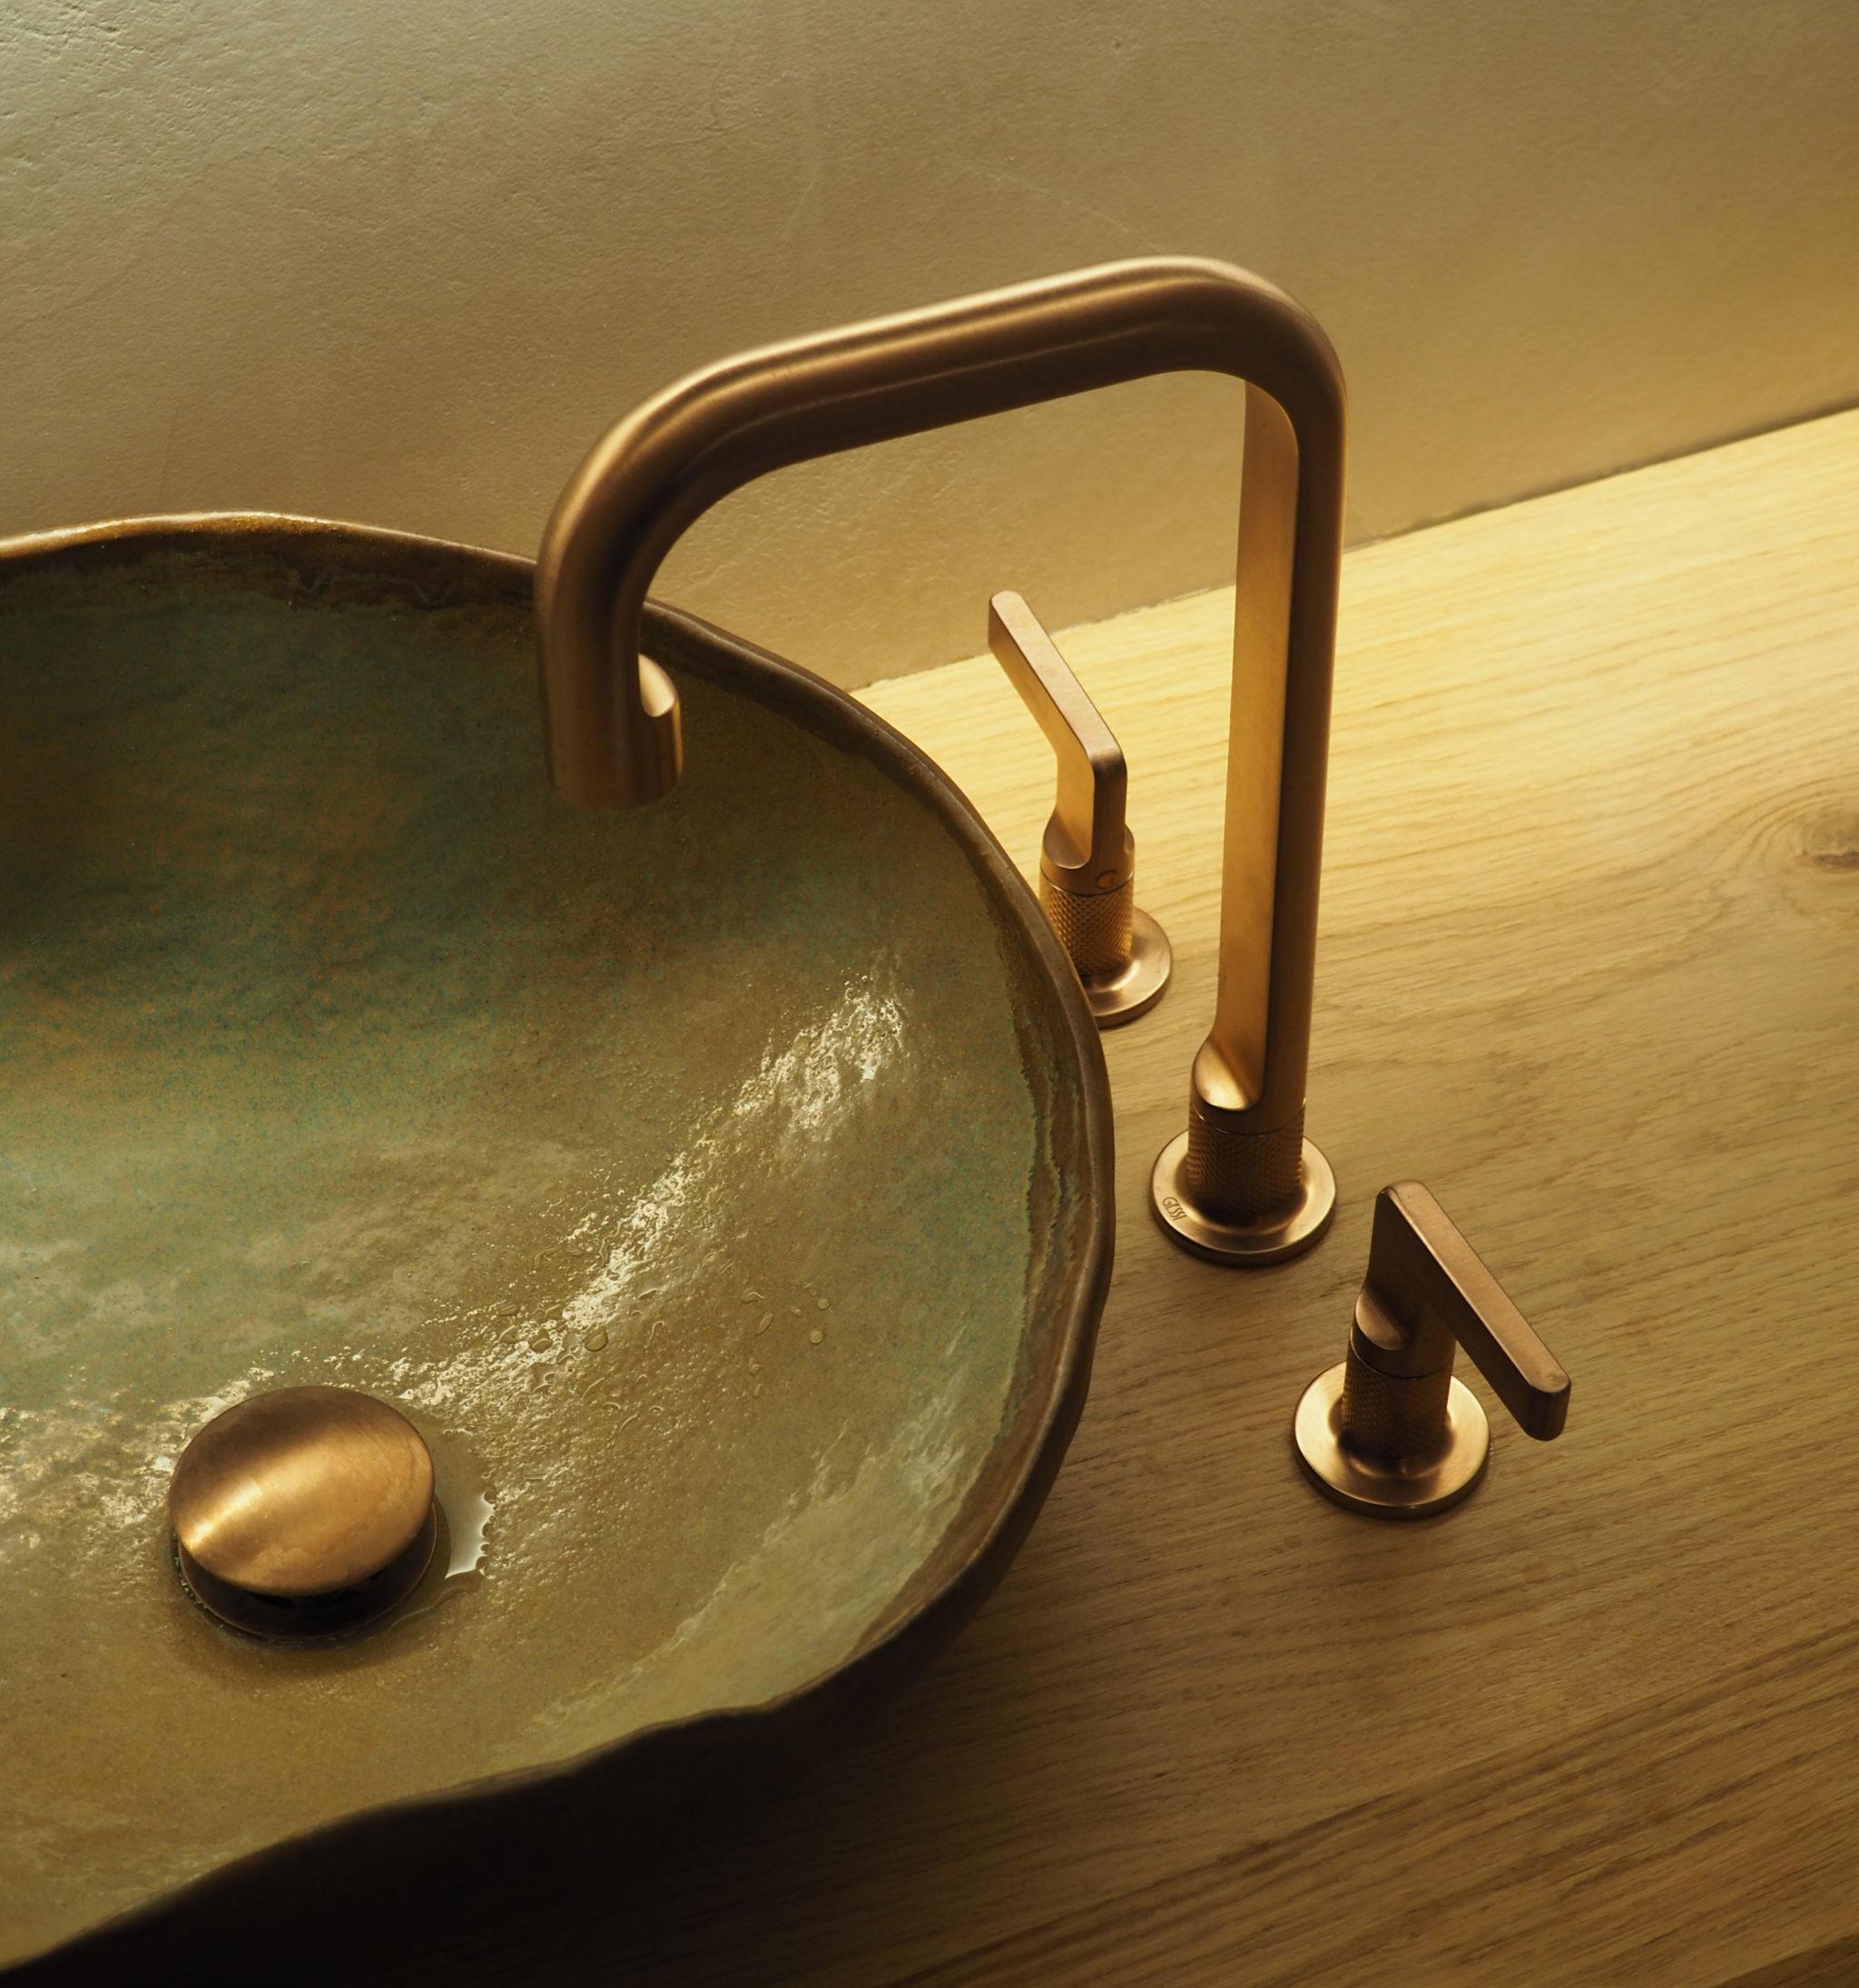 Baño con griferia Gessi y pica de ceramica artesana por Rosa Colet. Fotografia de Marina García Linares @23mmarina